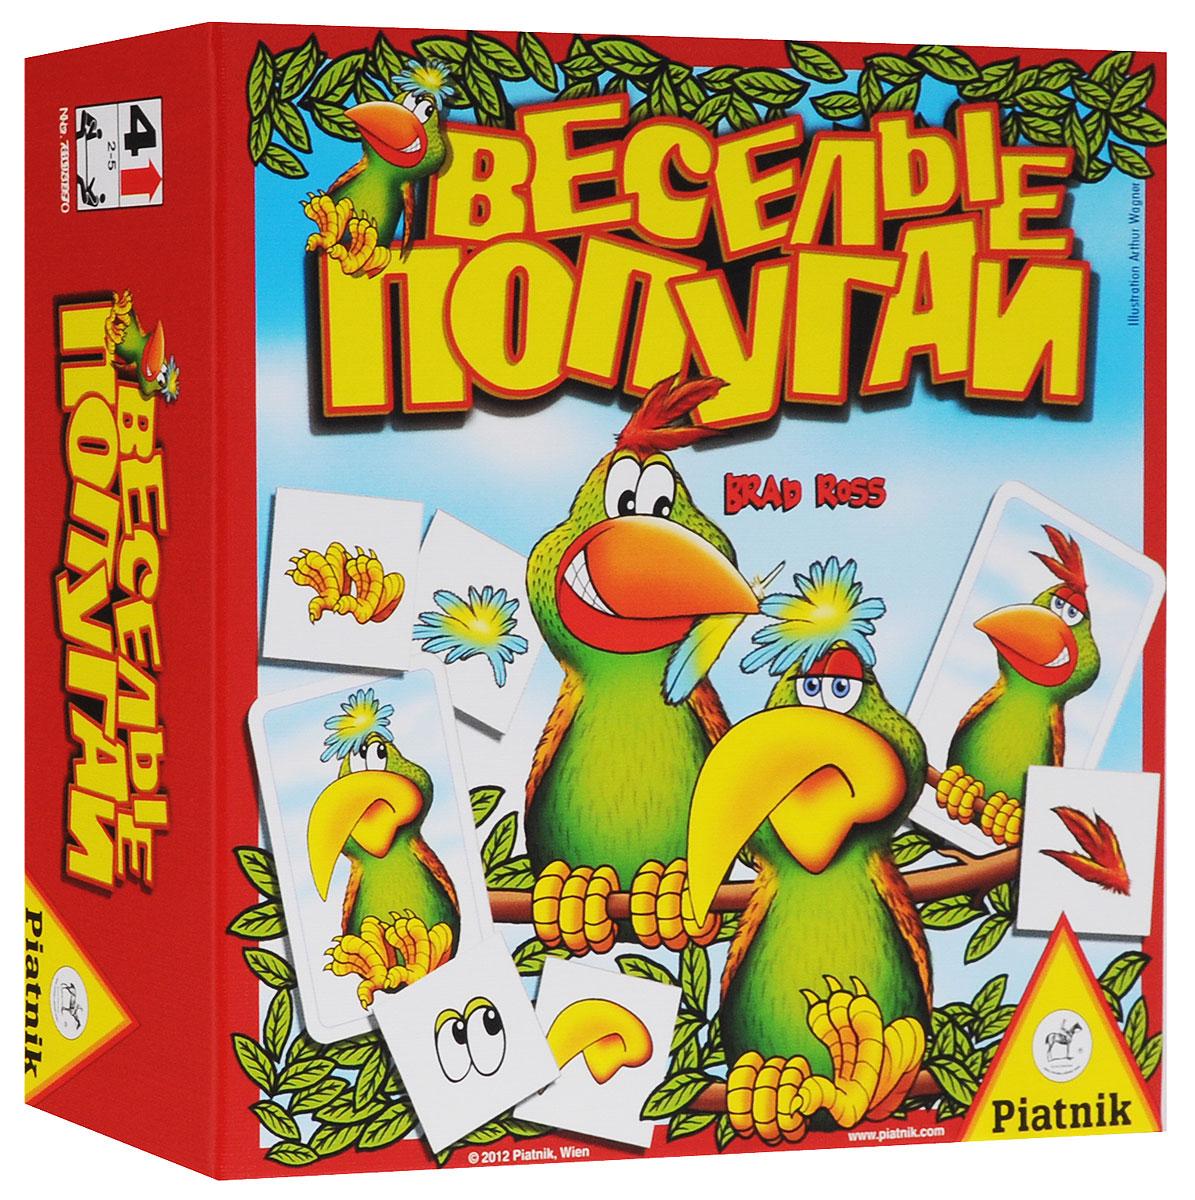 Piatnik Обучающая игра Веселые попугаи789397Игра Веселые попугаи увлечет не только детей, но и их родителей и станет приятным дополнением к семейному празднику. Игра тренирует память и логическое мышление. Игра построена по принципу всеми любимого MEMO, а веселые попугаи делают процесс еще забавнее. У вас есть большие карточки с попугаями и маленькие с деталями того или иного попугая – клюв, хохолок, лапы разного цвета и формы. Все птицы очень похожи, но на самом деле они отличаются. Кто первый откроет 4 верных карточки, победил. Попробуйте ничего не перепутать! В комплект входит: 16 карточек мемо, 16 карт с изображением попугаев. Характеристики: Размер карточки: 9 см x 6 см.